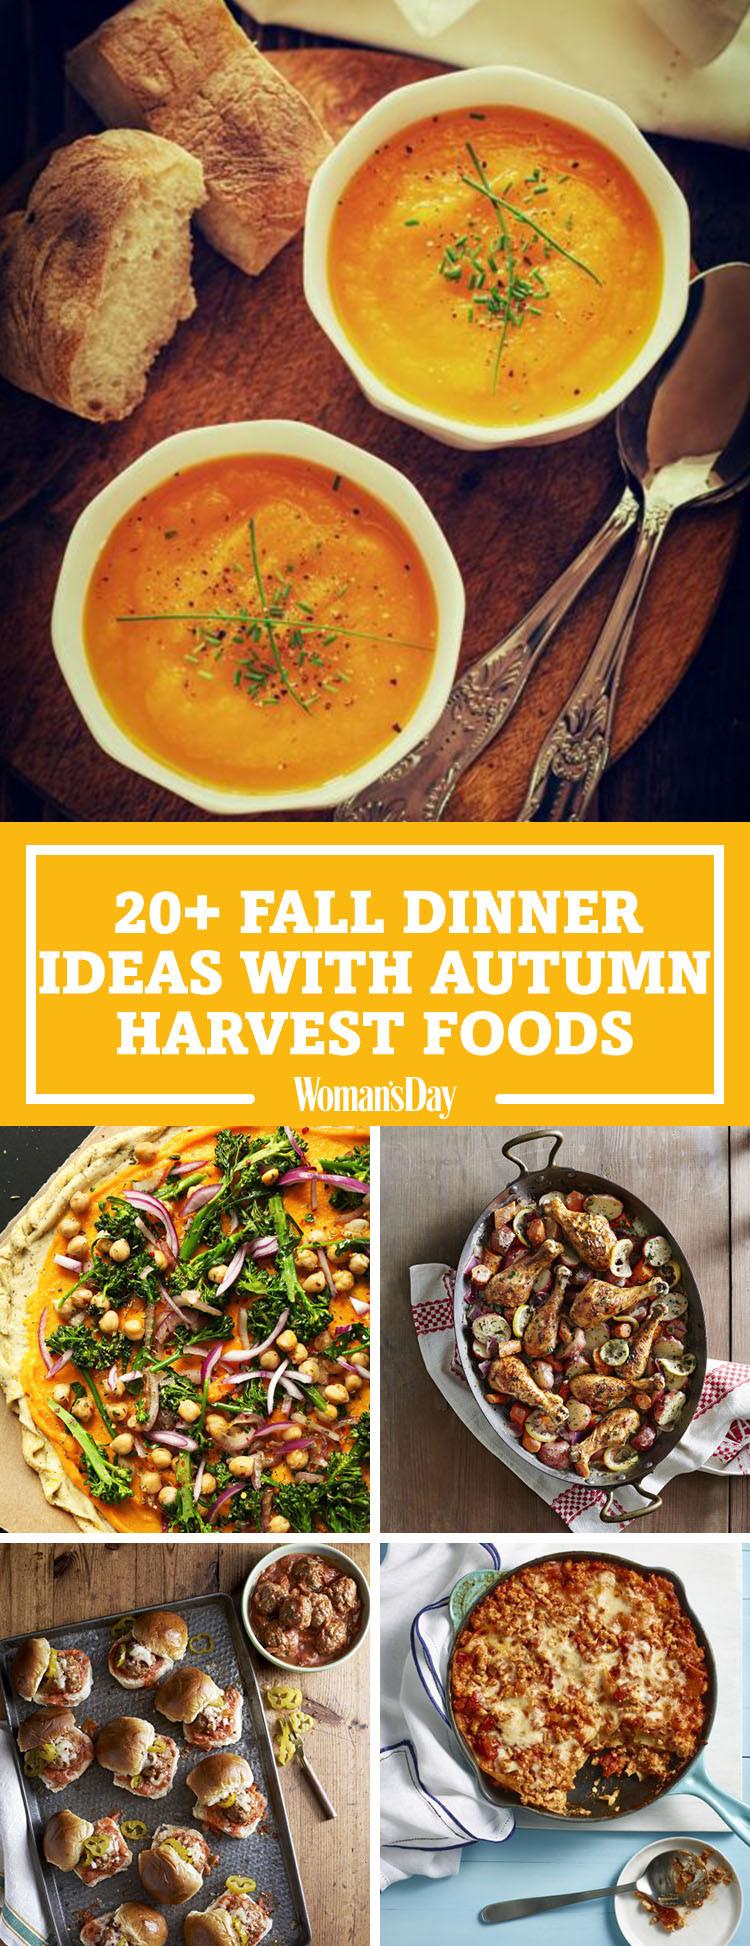 Best Fall Dinner Recipes  26 Easy Fall Dinner Ideas Best Dinner Recipes for Autumn